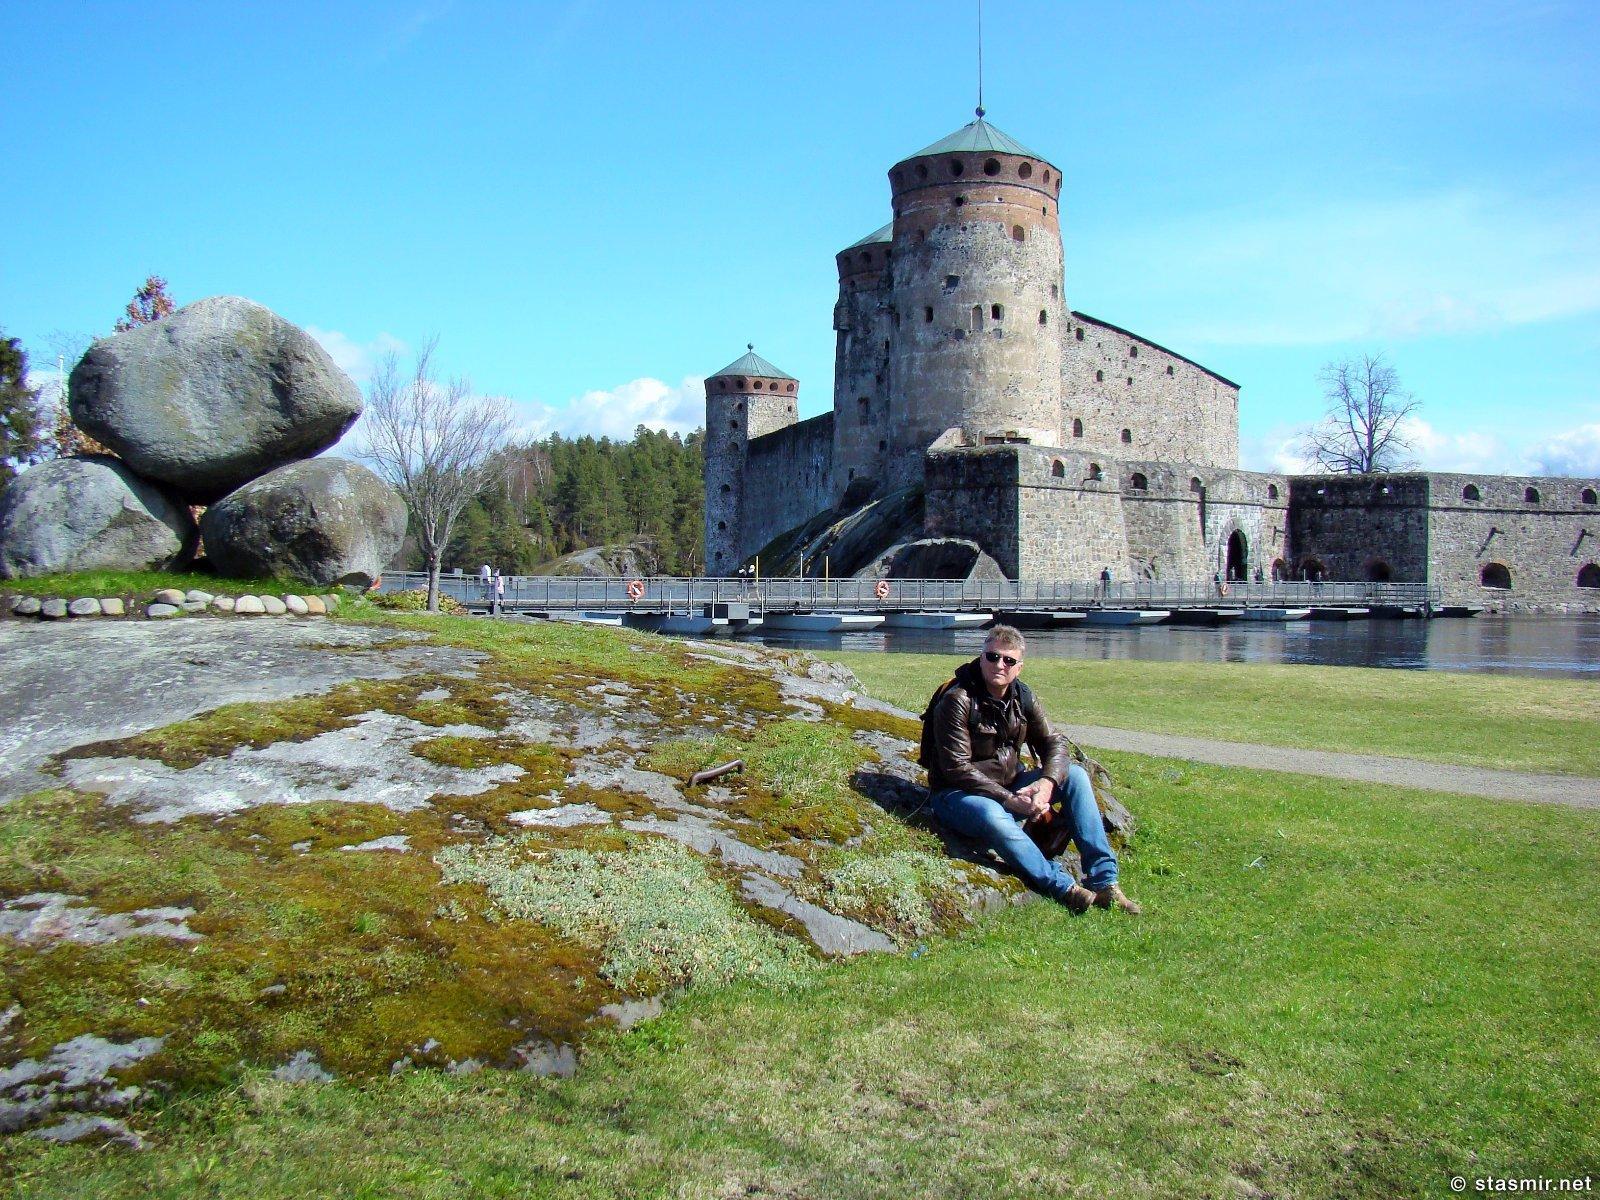 Крепость Савонлинна, Крепость Олавинлинна, Олафсборг и еще много как, фото Стасмир, Photo Stasmir